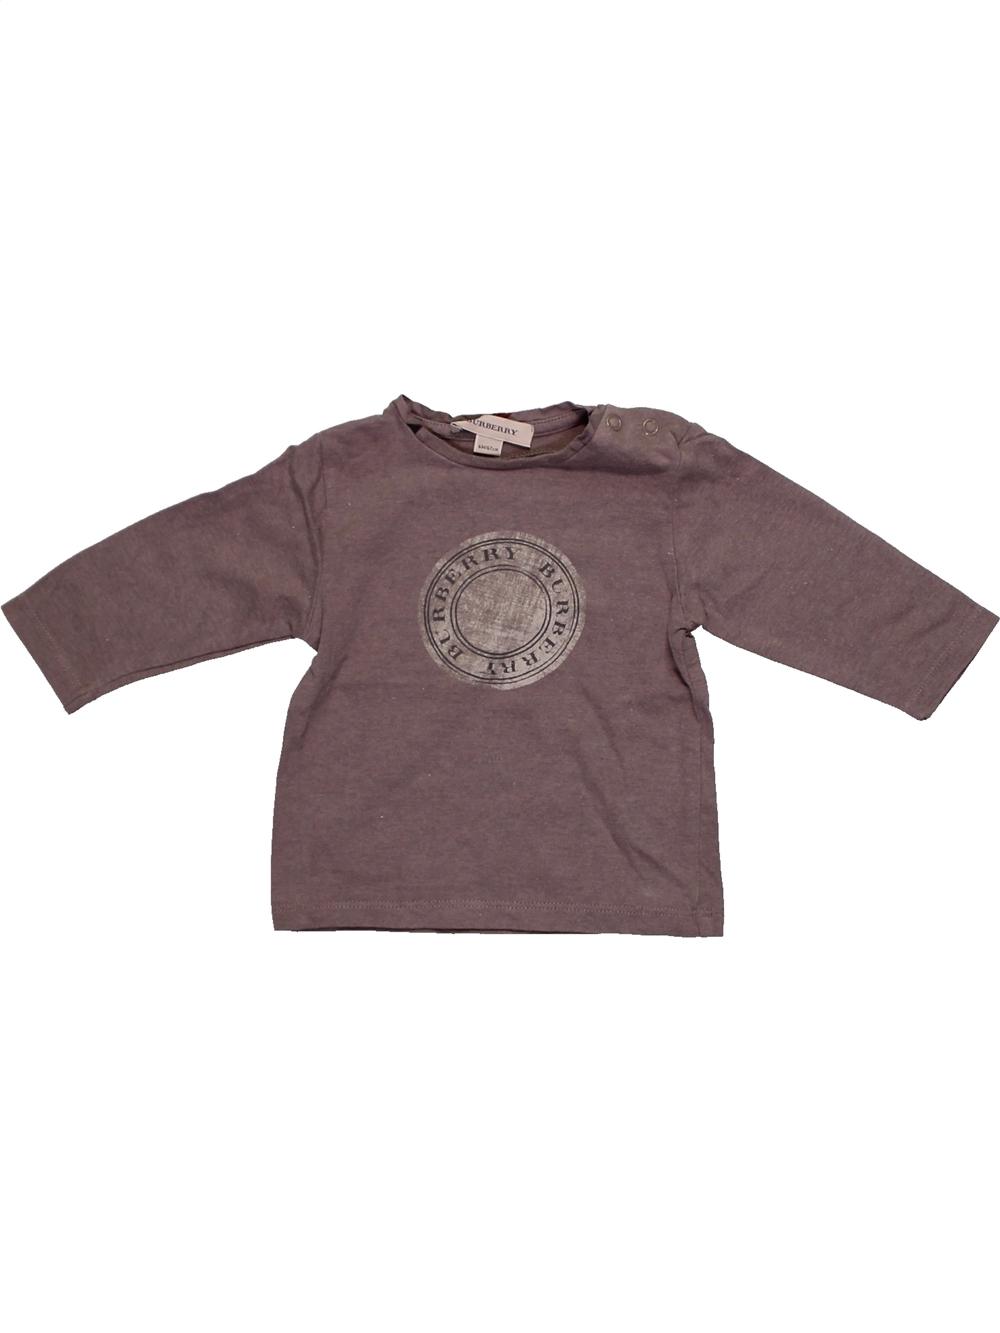 T-shirt-manches-longues-bebe-garcon-BURBERRY-6-mois-marron-hiver-vetement